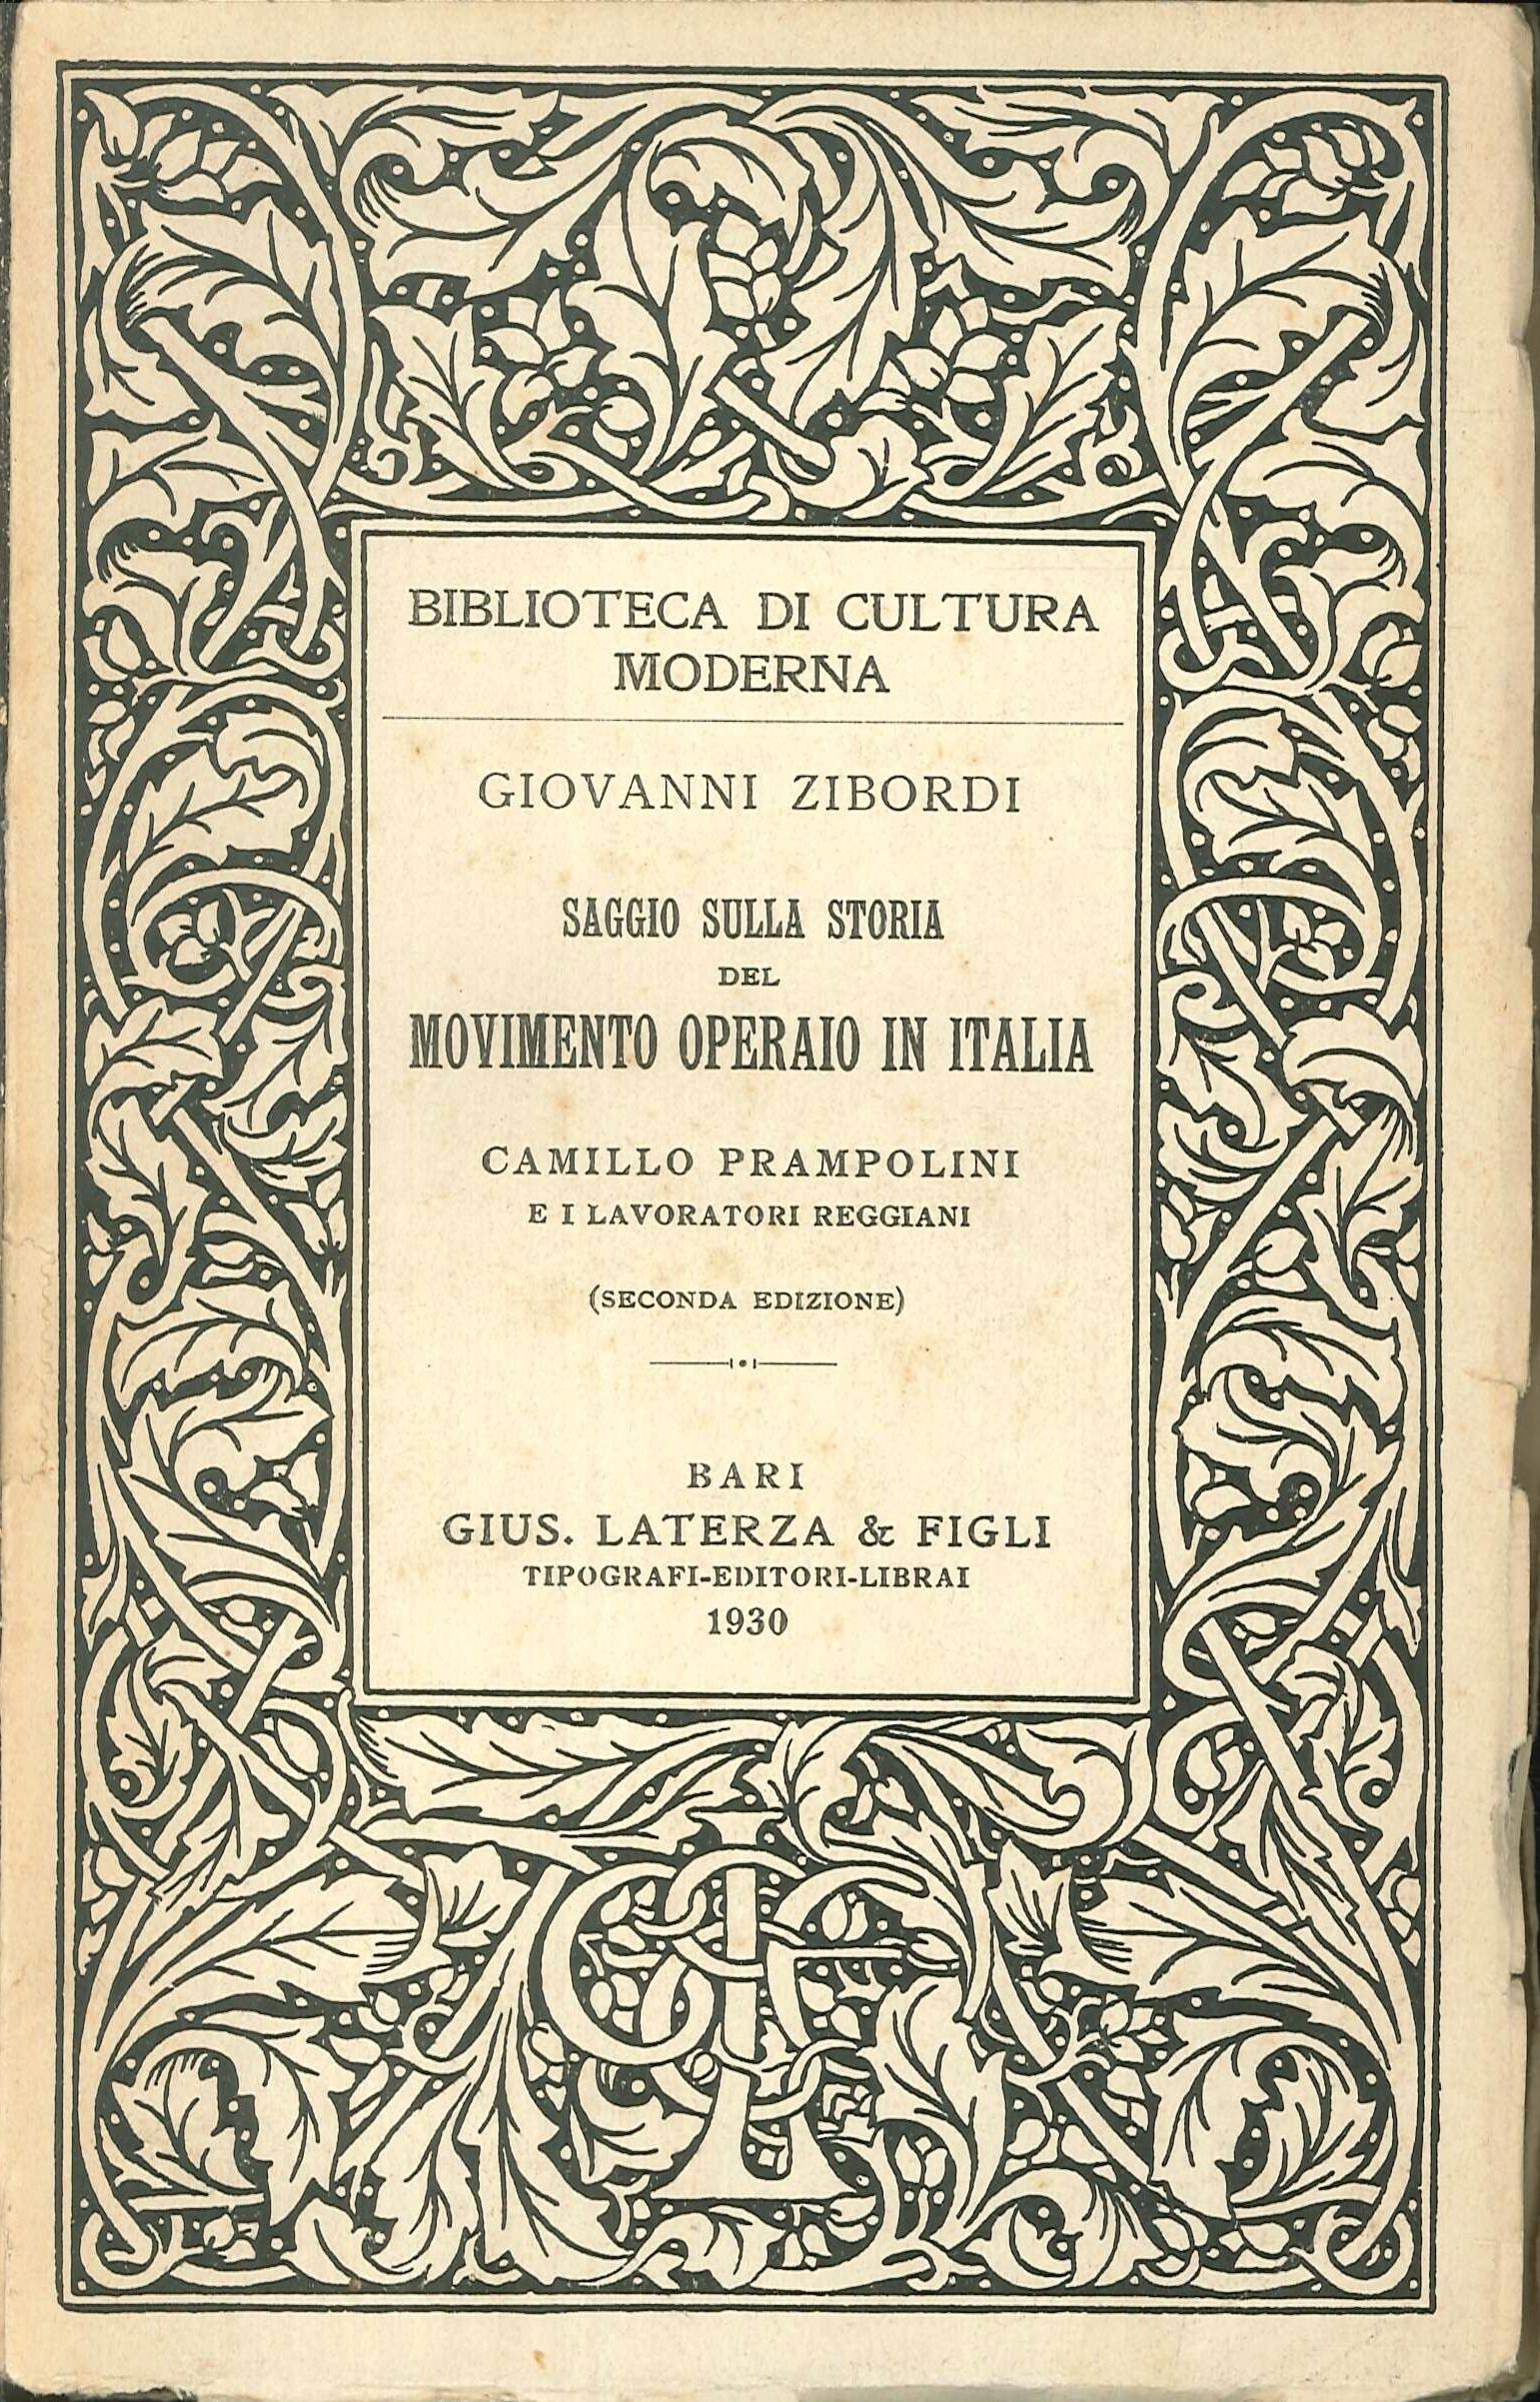 Saggio sulla storia del movimento operaio in Italia. Camillo Prampolini e i lavoratori reggiani. Seconda edizione.